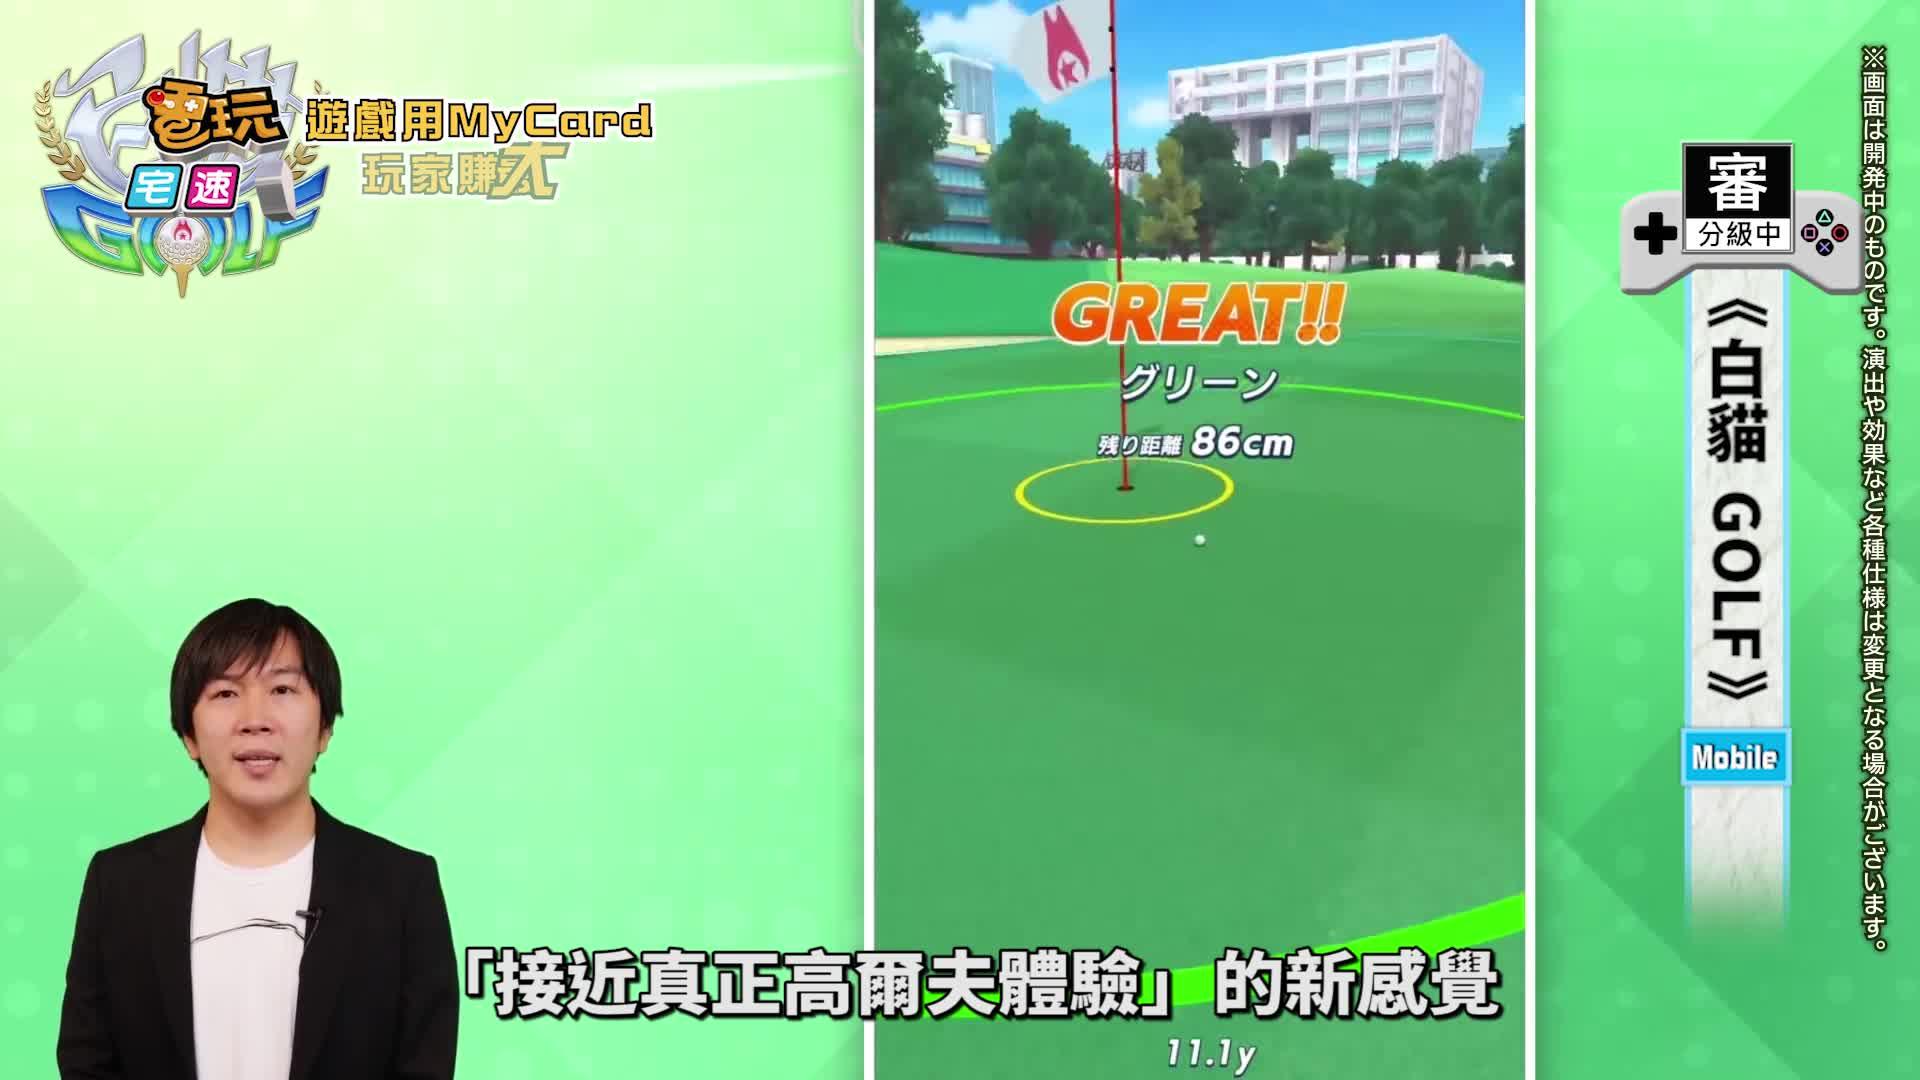 《白貓》系列最新作公開!!!結果竟然是「高爾夫」遊戲!?